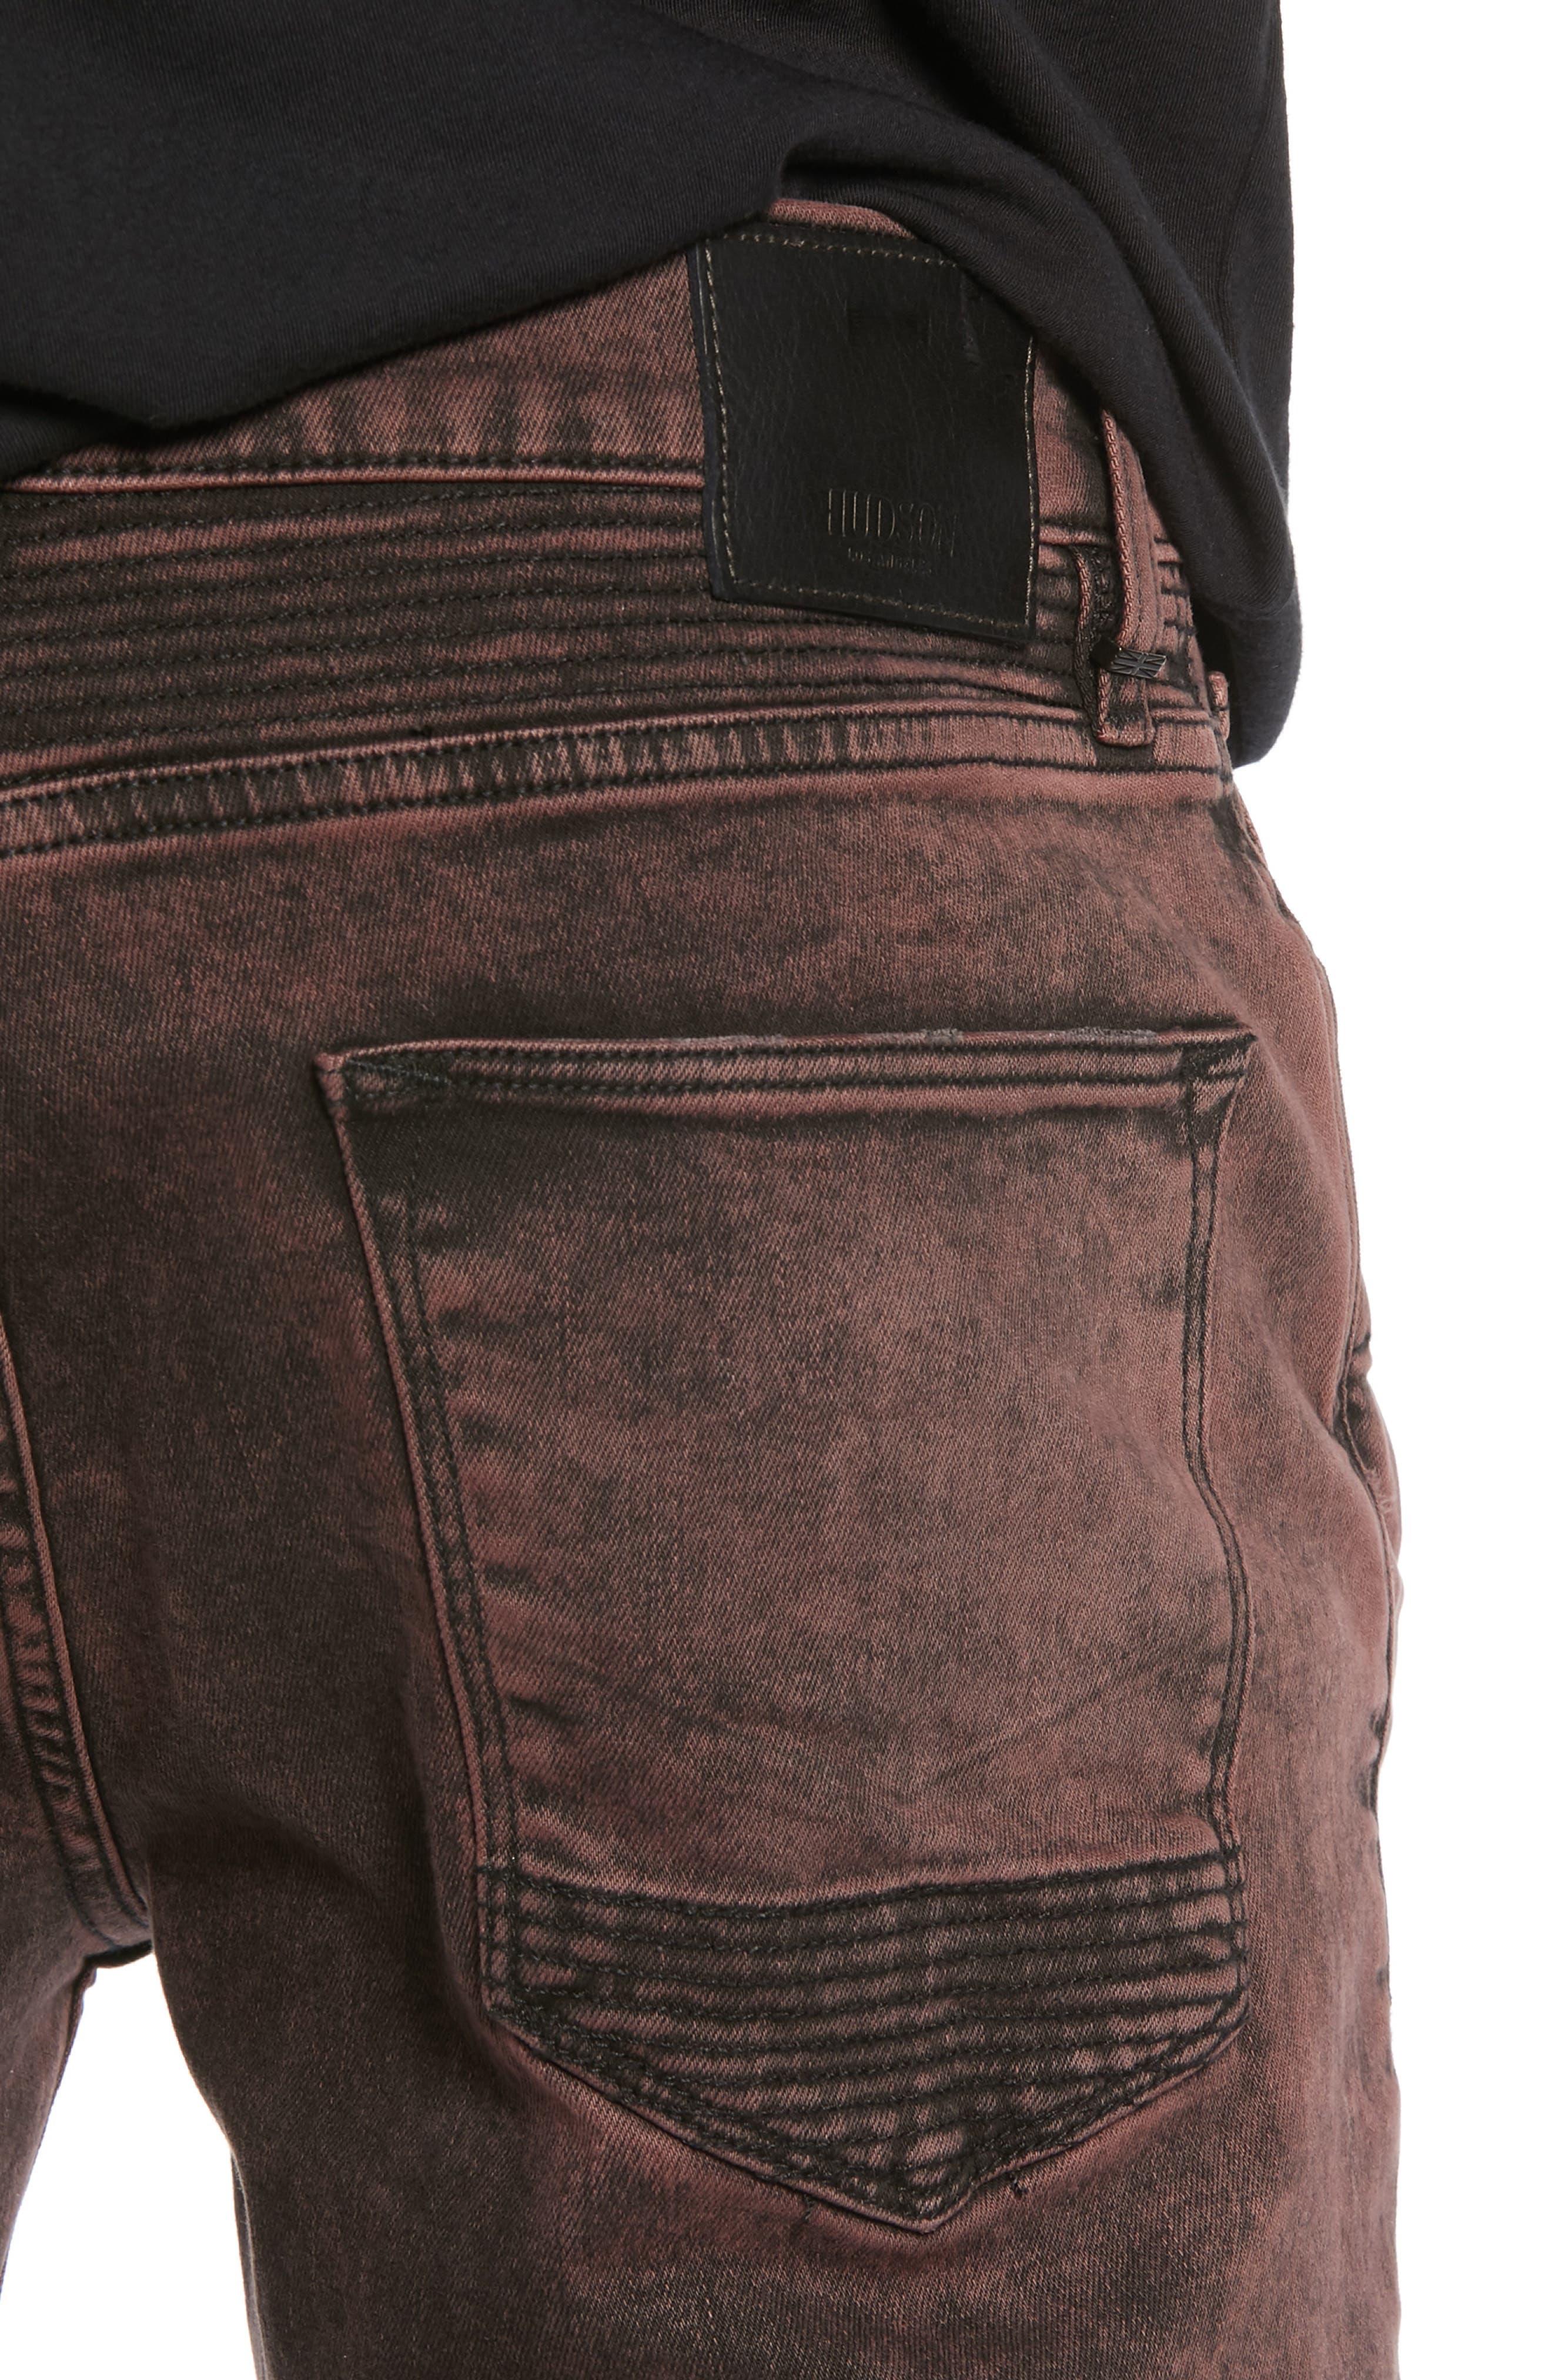 HUDSON JEANS, Blinder Biker Skinny Fit Jeans, Alternate thumbnail 4, color, FADED OX BLOOD